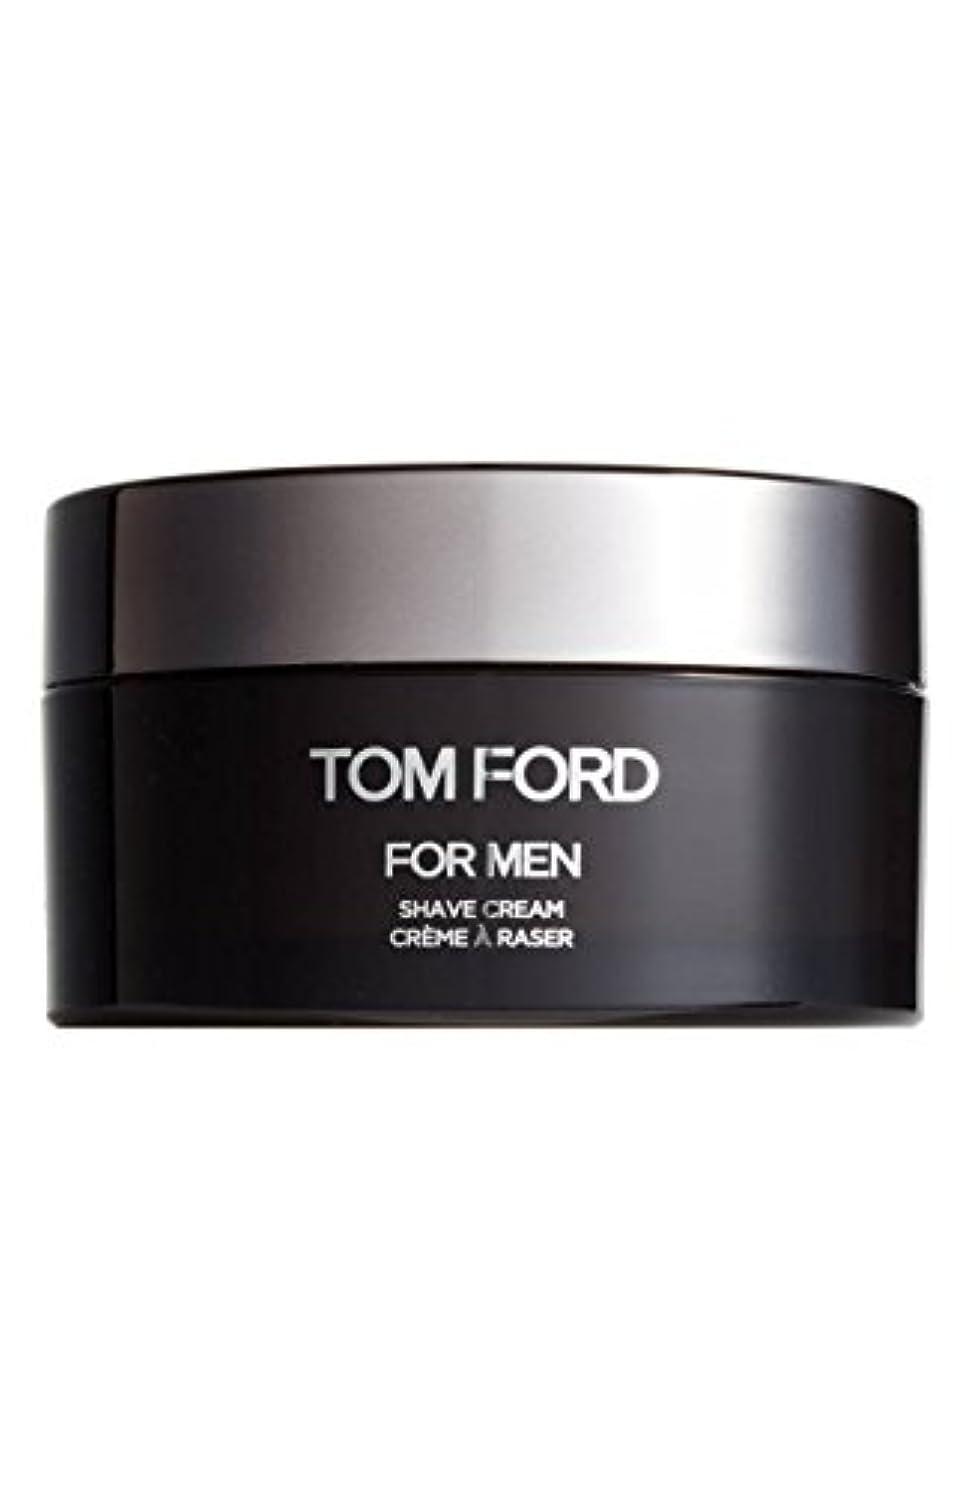 以前はブラジャー道徳のTom Ford Shave Cream (トムフォード シェーブ クリーム) 5.6 oz (165ml) シェーブ クリーム for Men